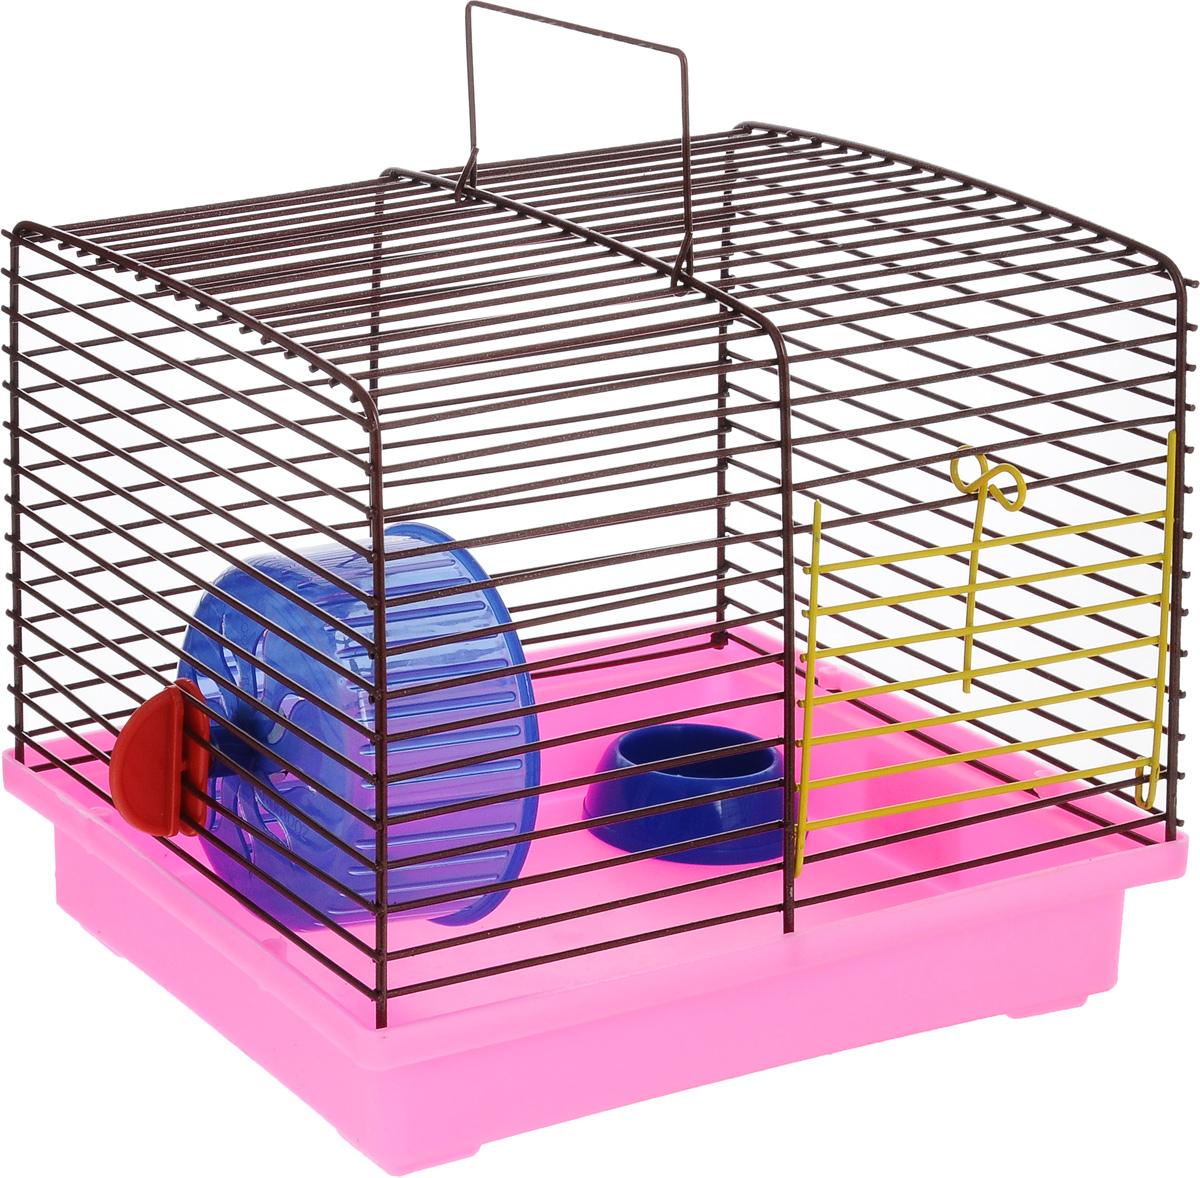 Клетка для хомяка ЗооМарк, с колесом и миской, цвет: розовый поддон, коричневая решетка, 23 х 18 х 18,5 см511_розовый, коричневыйКлетка ЗооМарк, выполненная из пластика и металла, подходит для джунгарского хомячка и других мелких грызунов. Она оборудована колесом для подвижных игр и миской. Клетка имеет яркий поддон, удобна в использовании и легко чистится. Такая клетка станет уединенным личным пространством и уютным домиком для маленького грызуна.